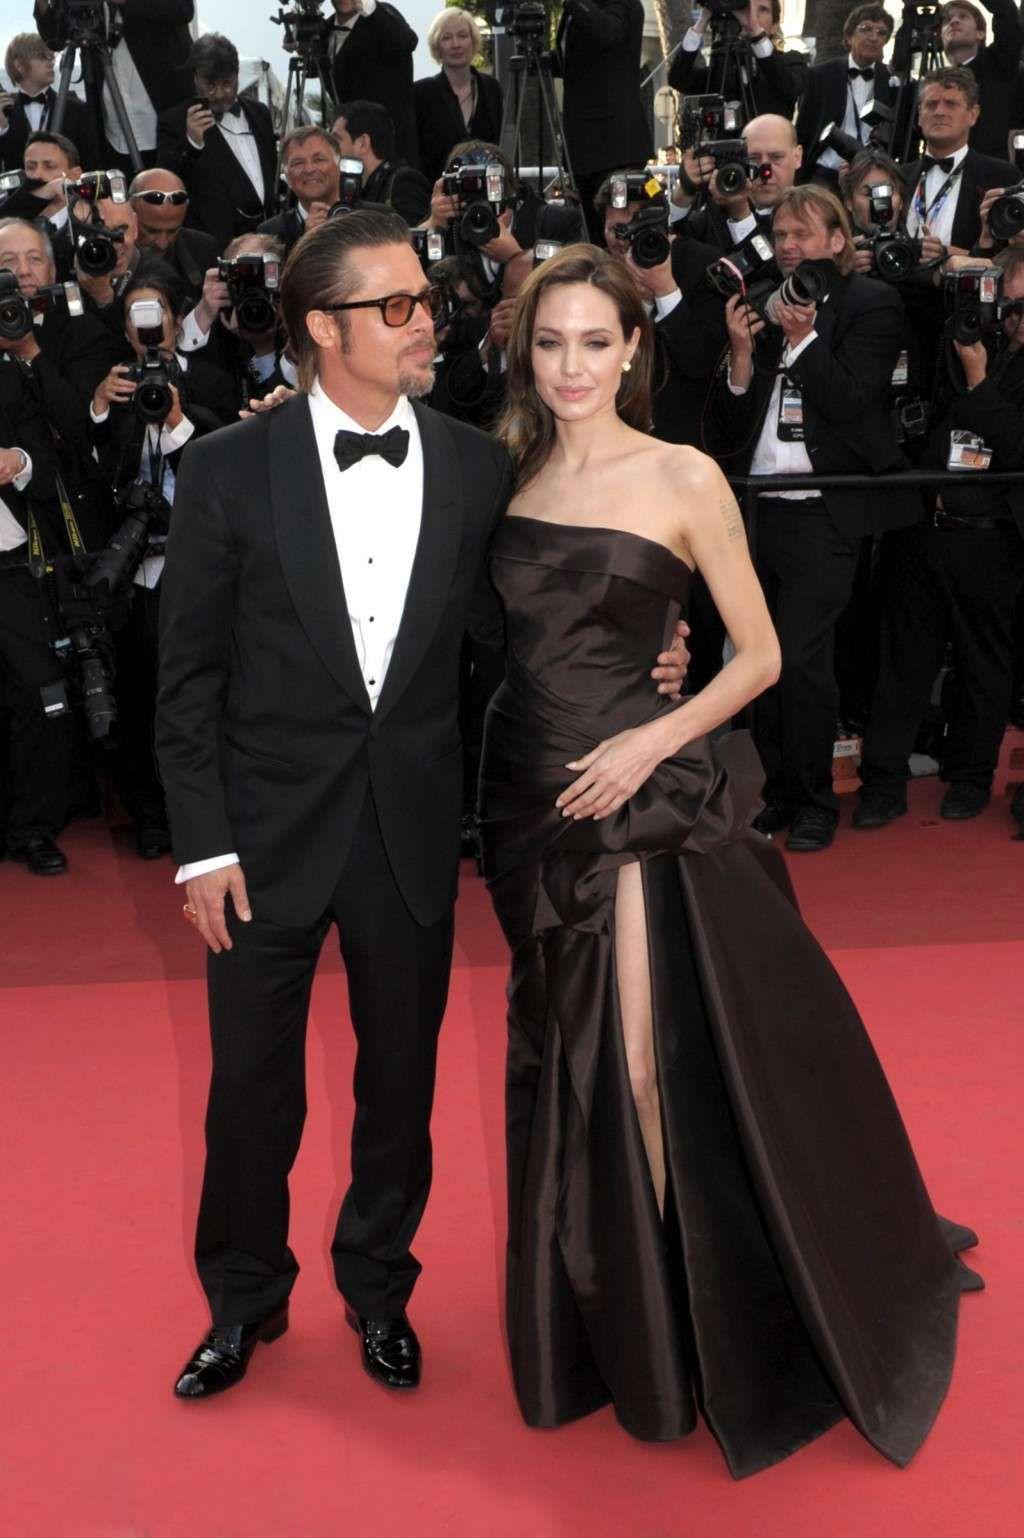 ¡El divorcio del año! Brad Pitt y Angelina Jolie se separan